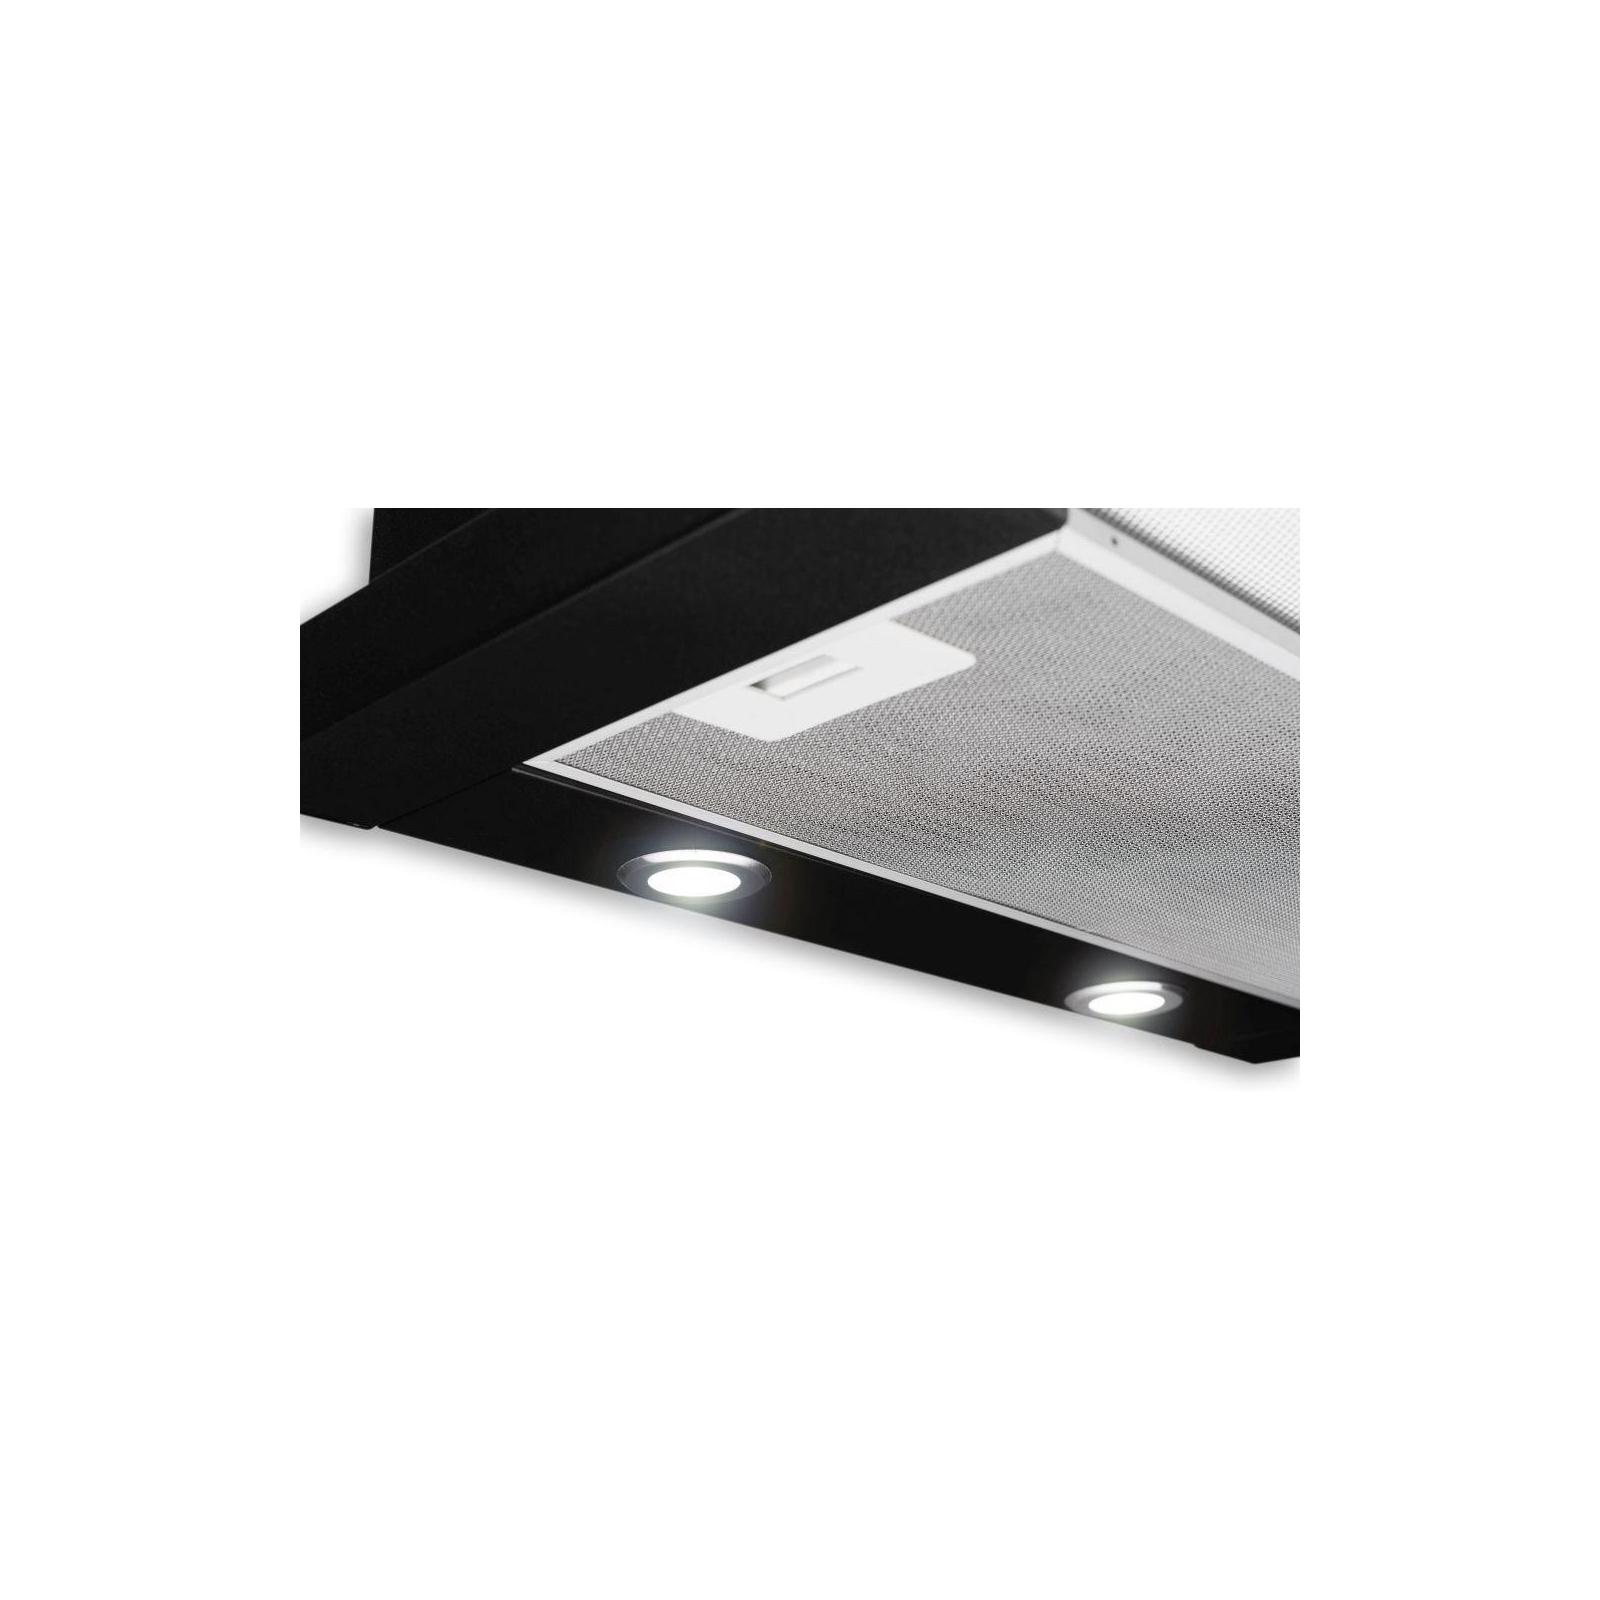 Вытяжка кухонная MINOLA HTL 6162 I/BL GLASS 650 LED изображение 8